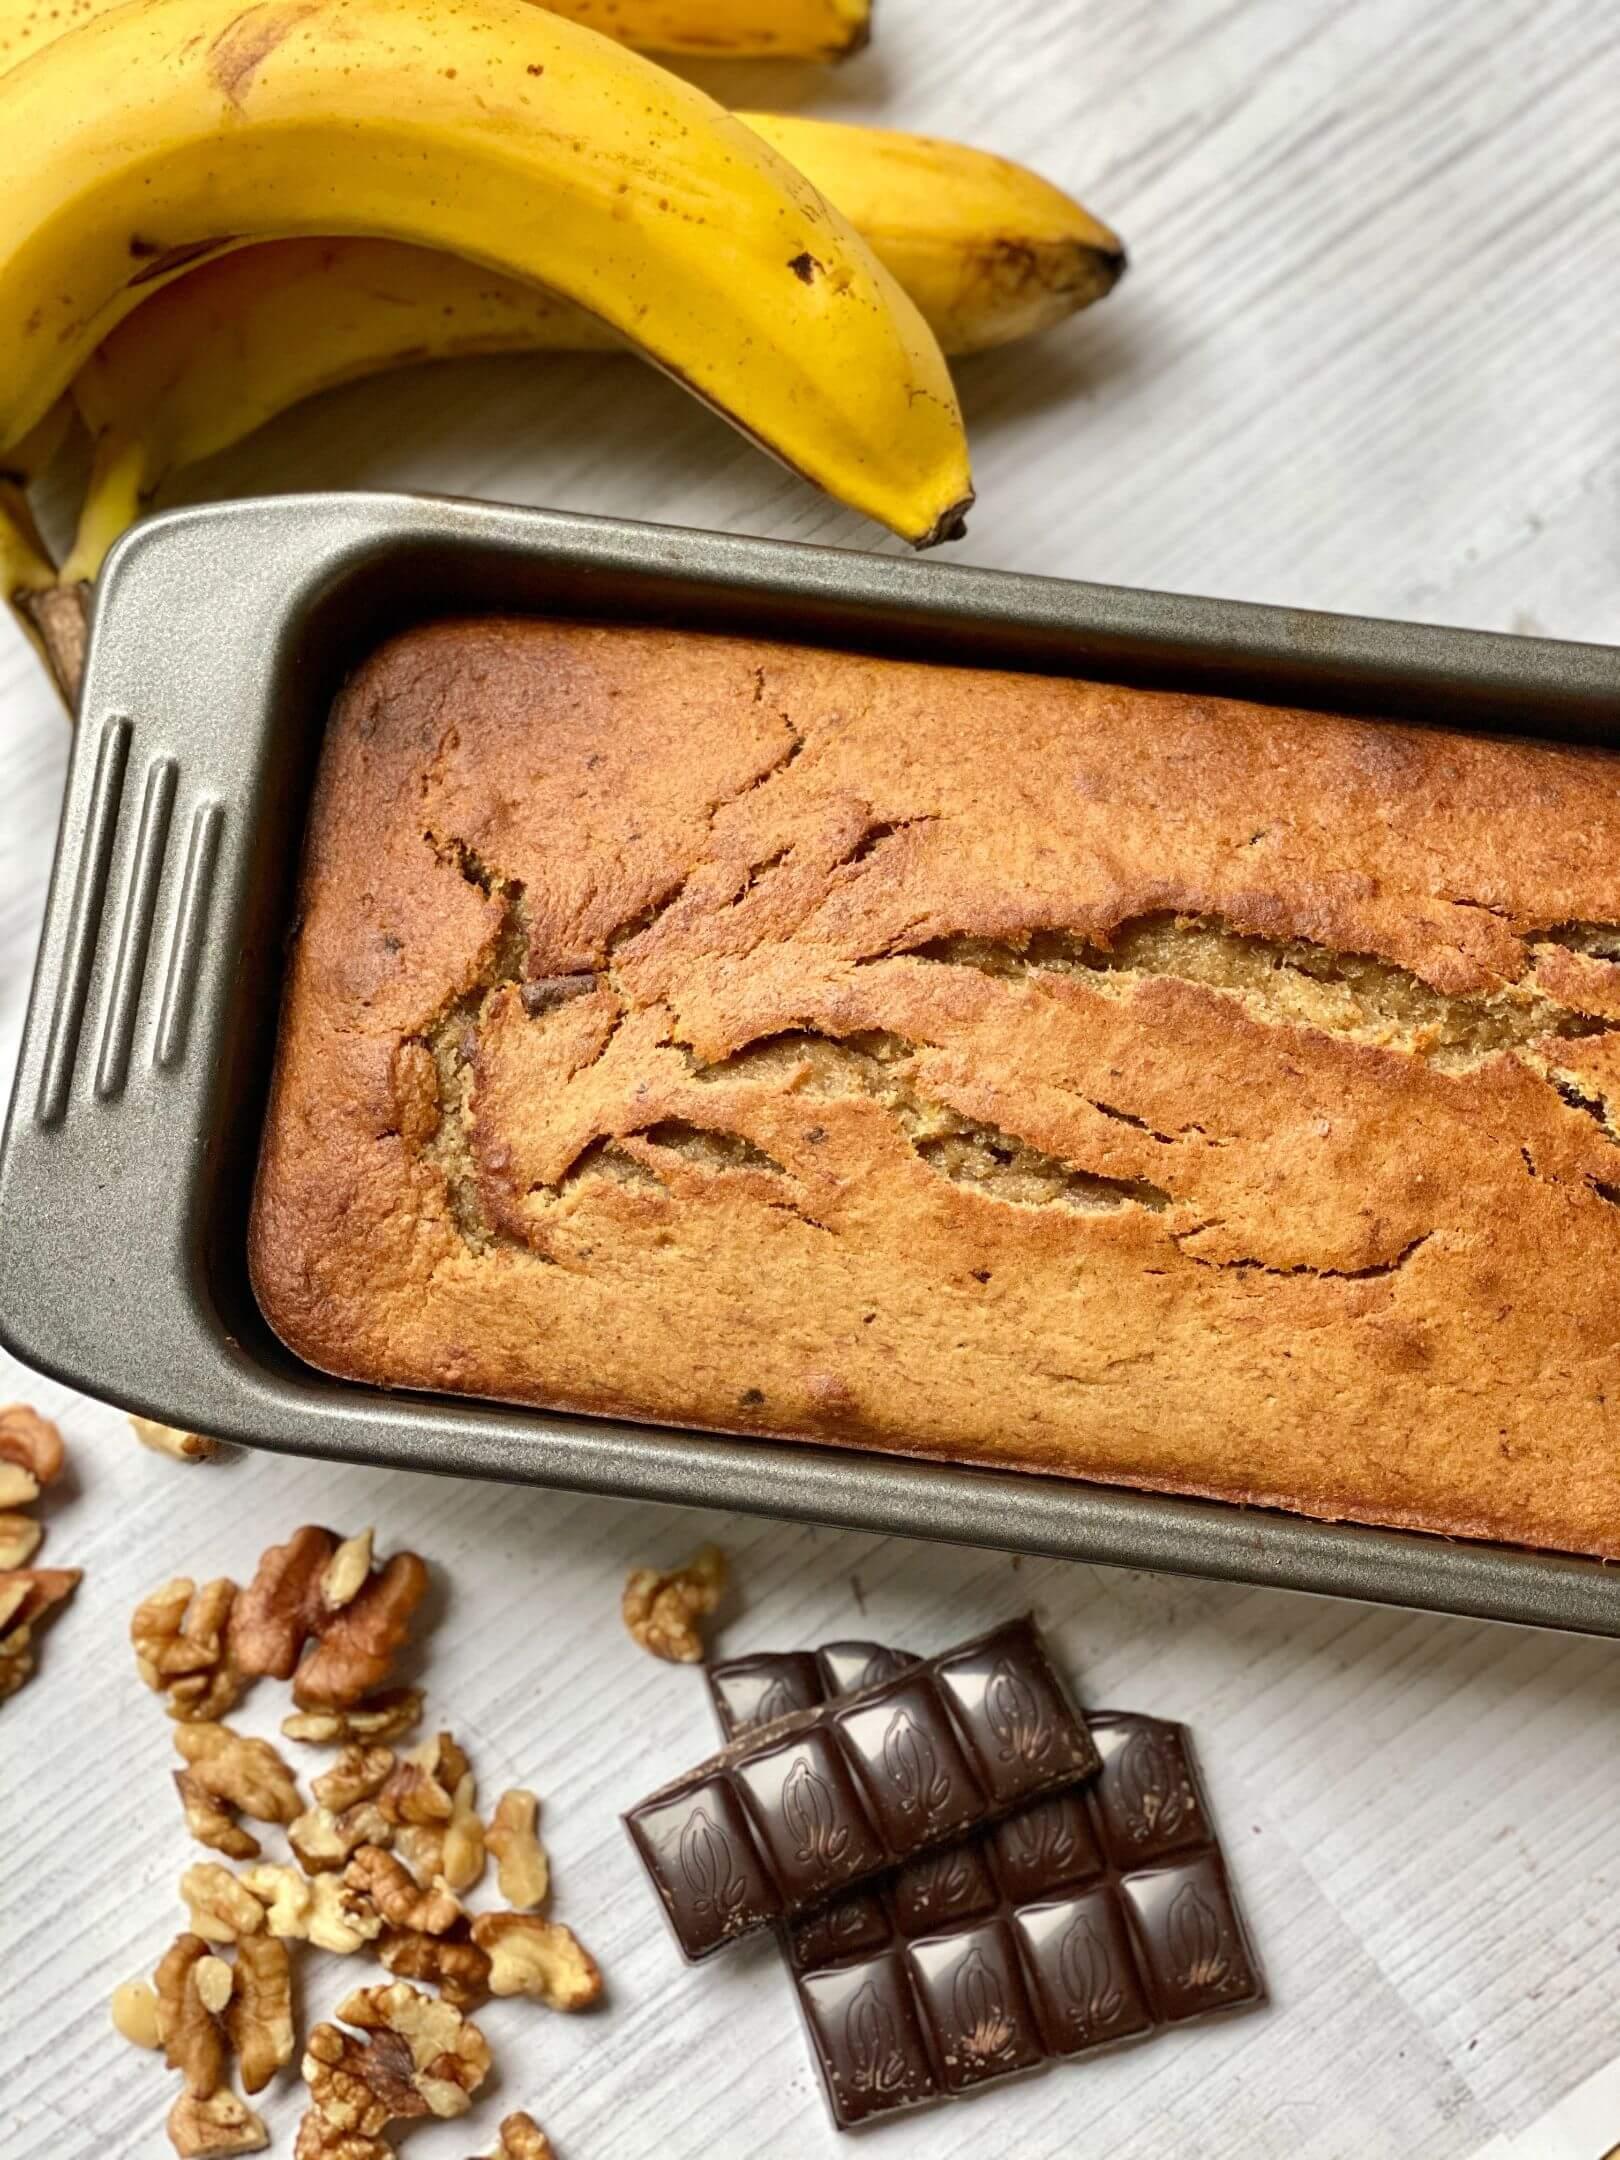 Csokis-Diós Banánkenyér Zabpehelylisztből